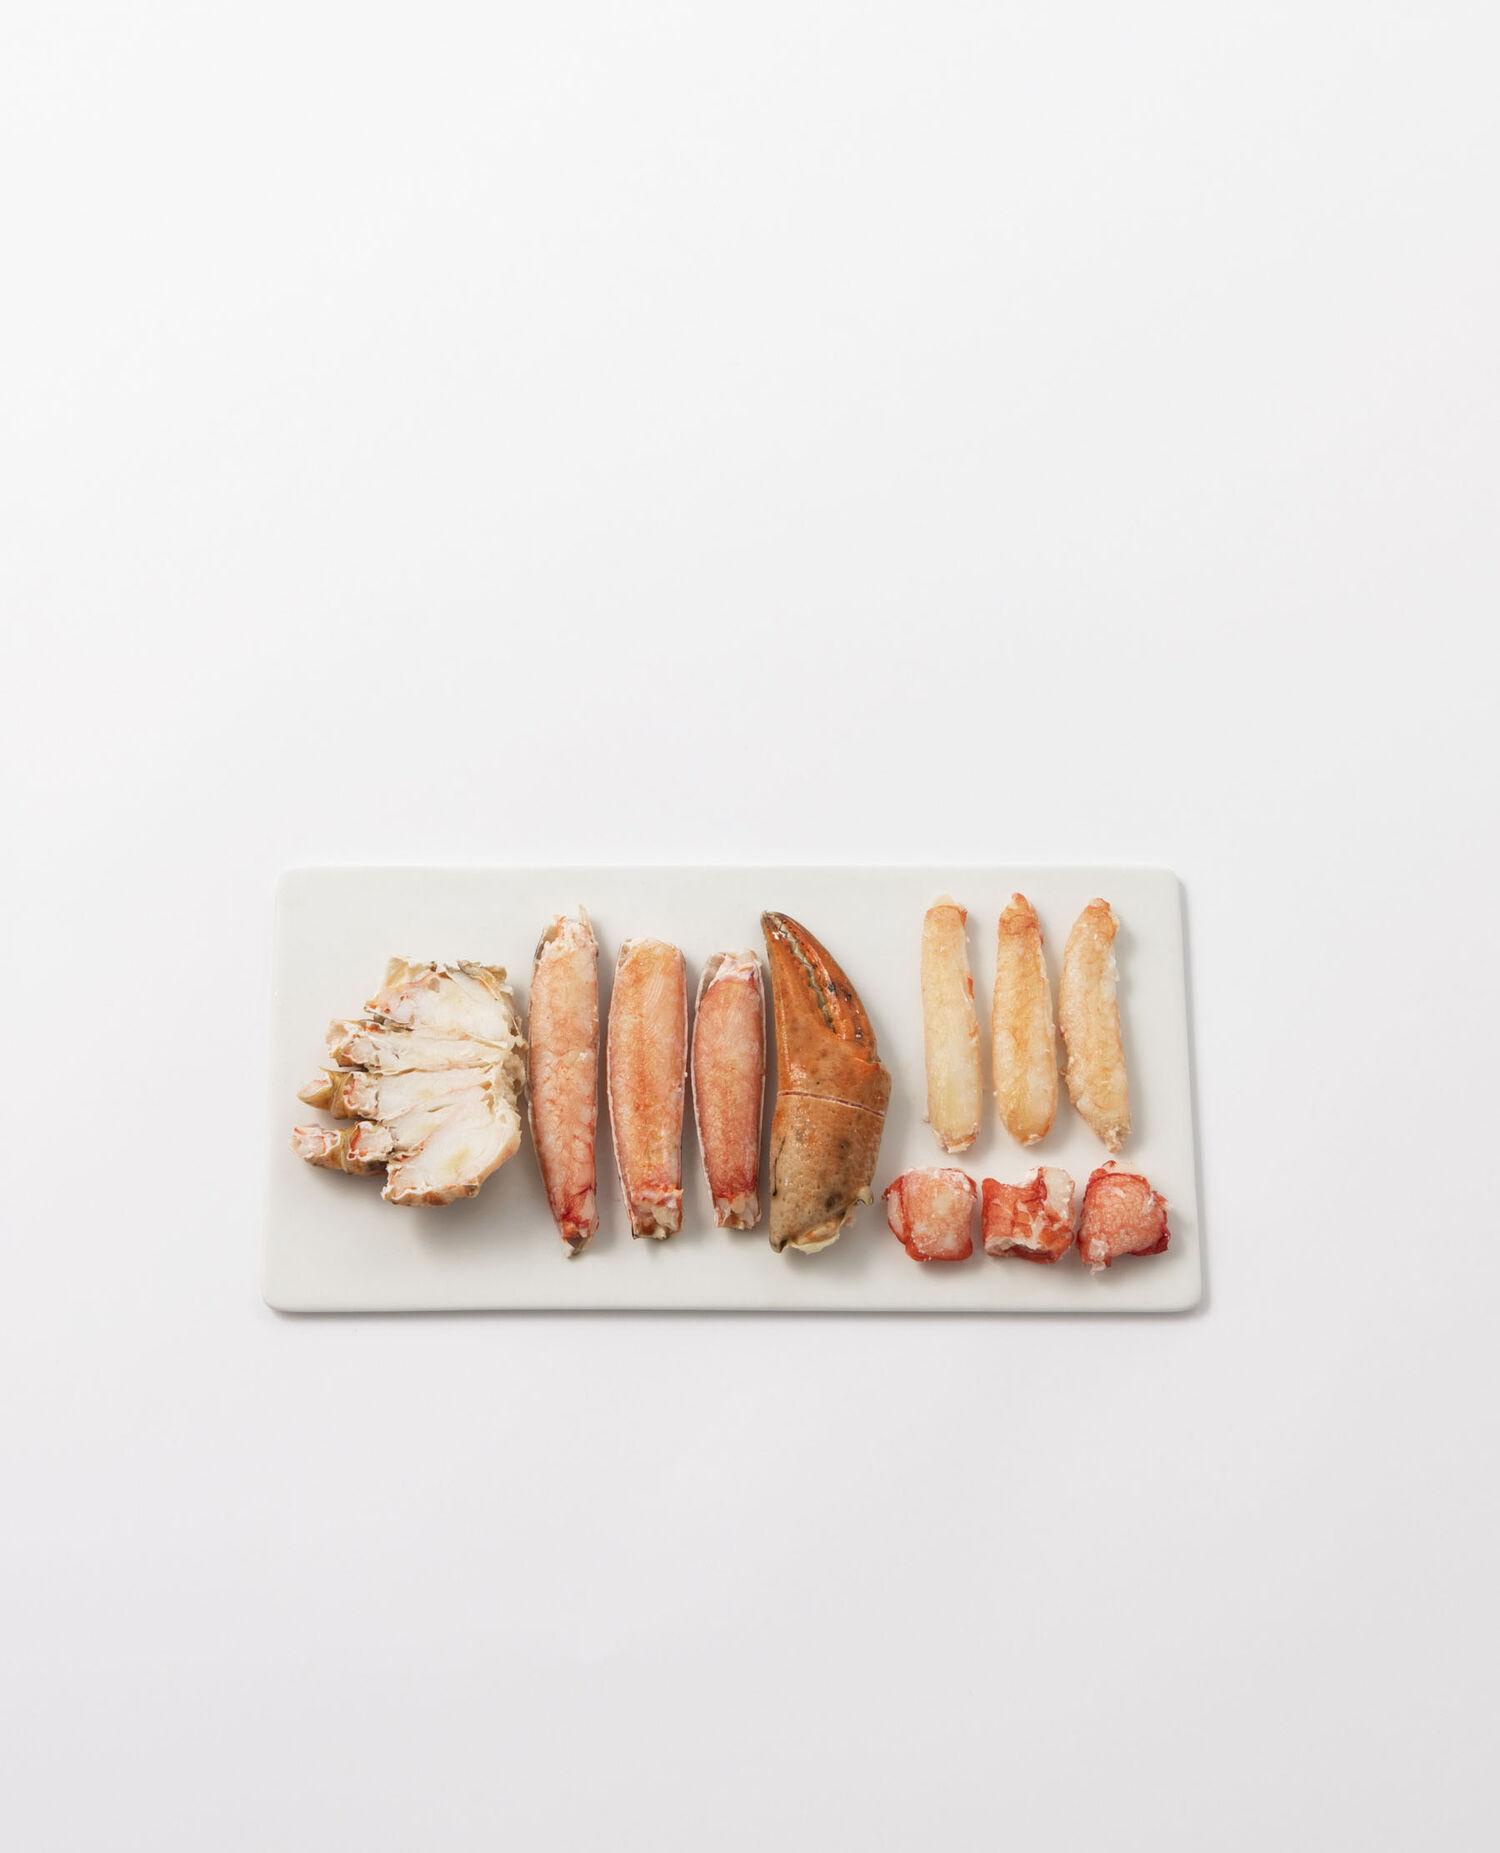 料理好きの蟹好きに贈りたい蟹ギフト